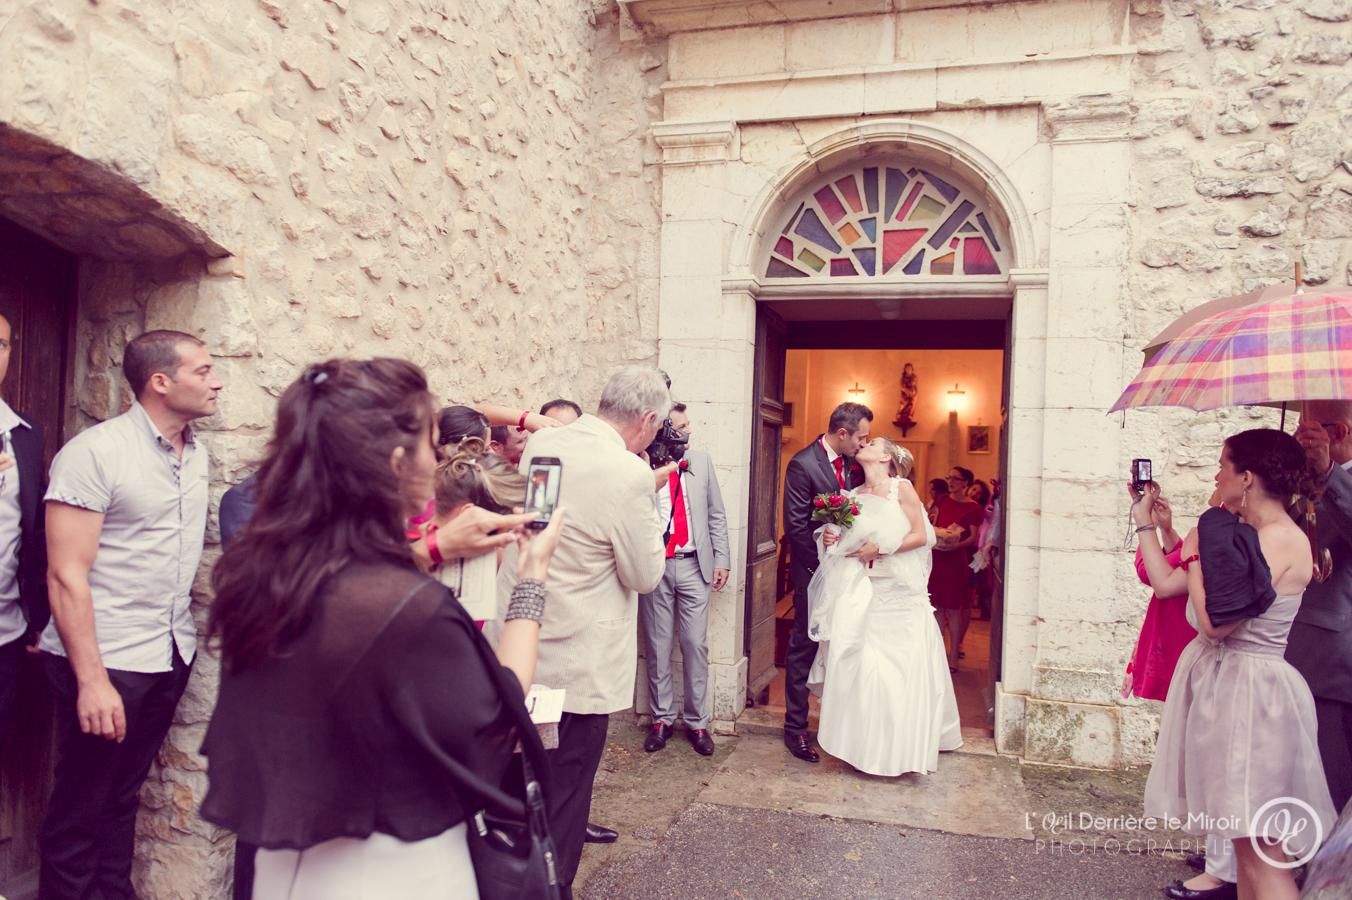 Photographe mariage Cabris L'OEil Derrière le Miroir